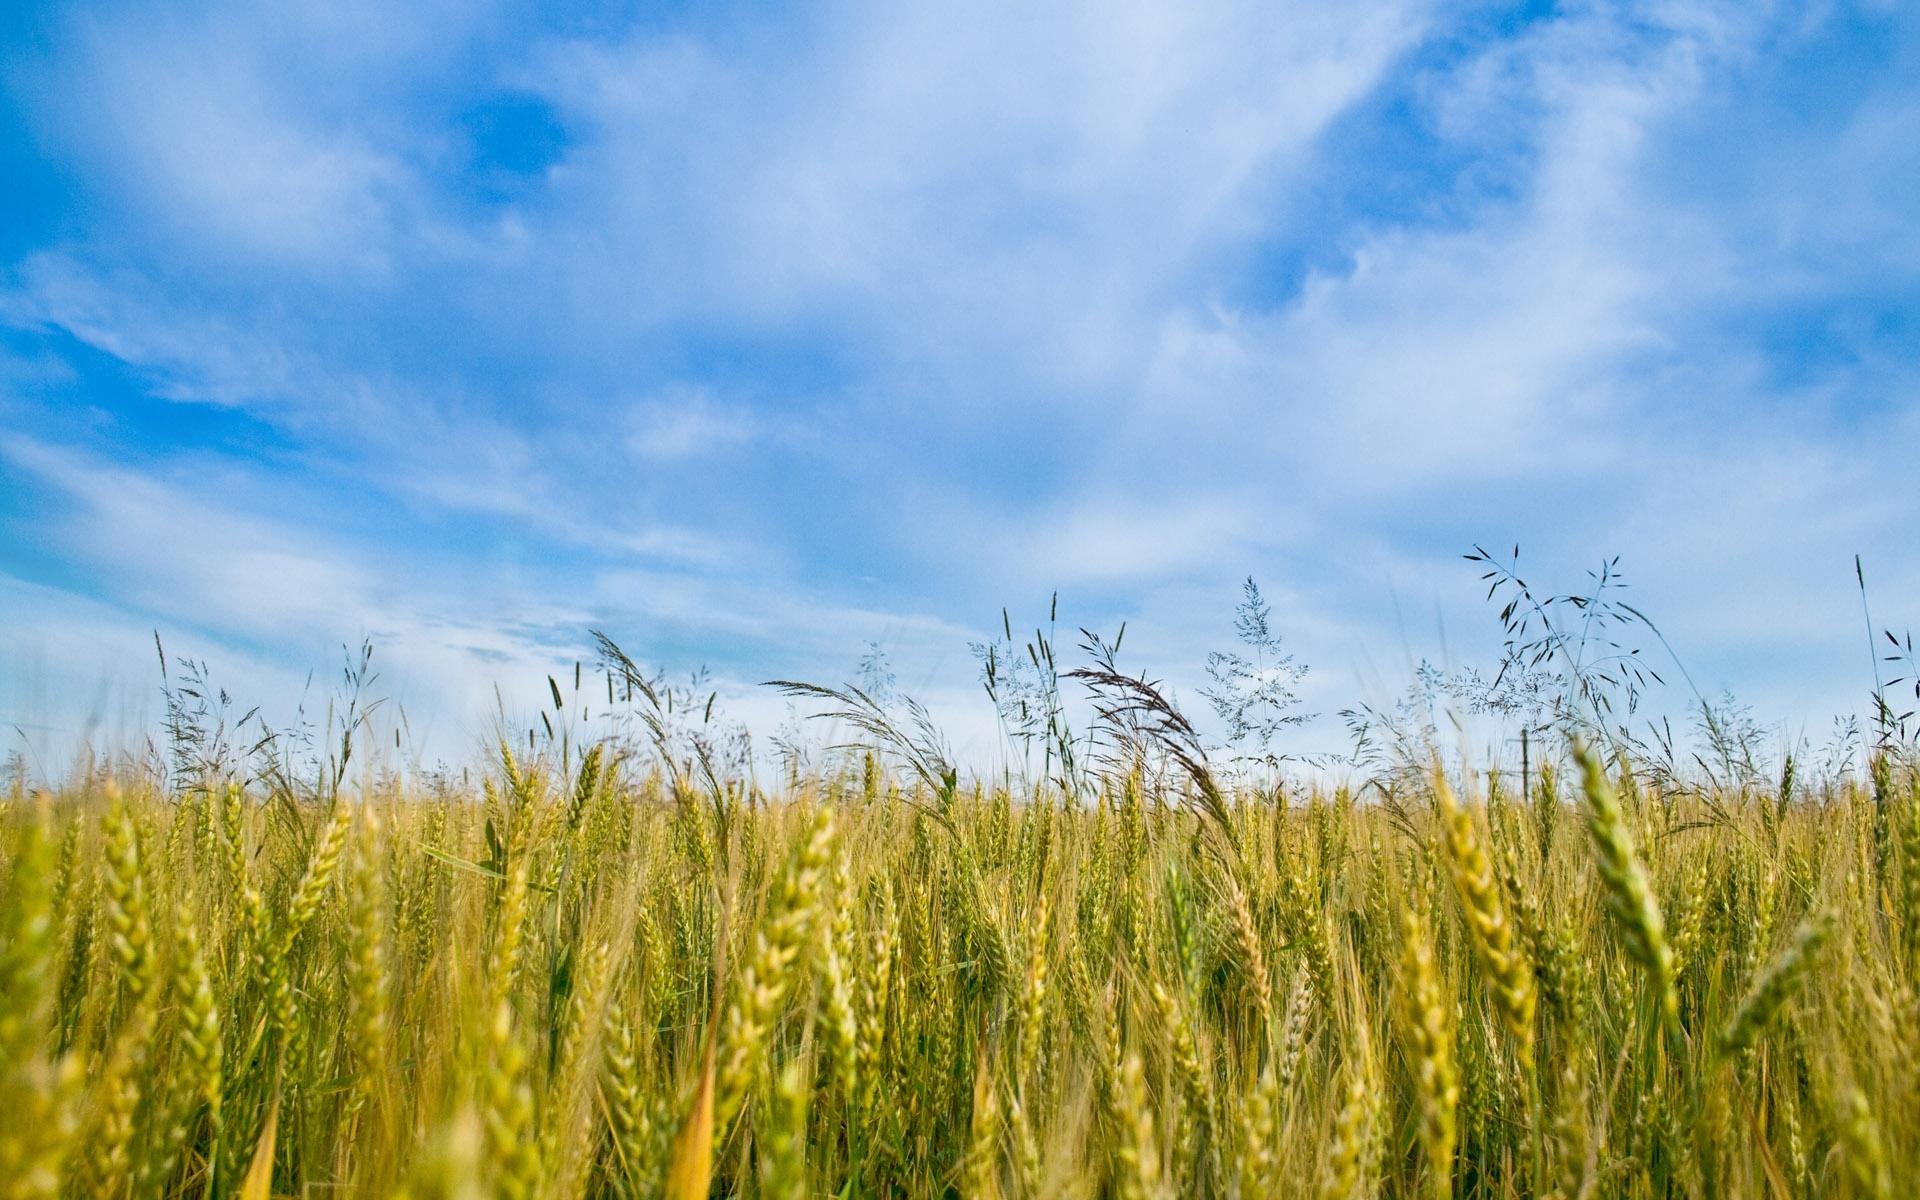 44089 скачать обои Пейзаж, Поля, Пшеница - заставки и картинки бесплатно